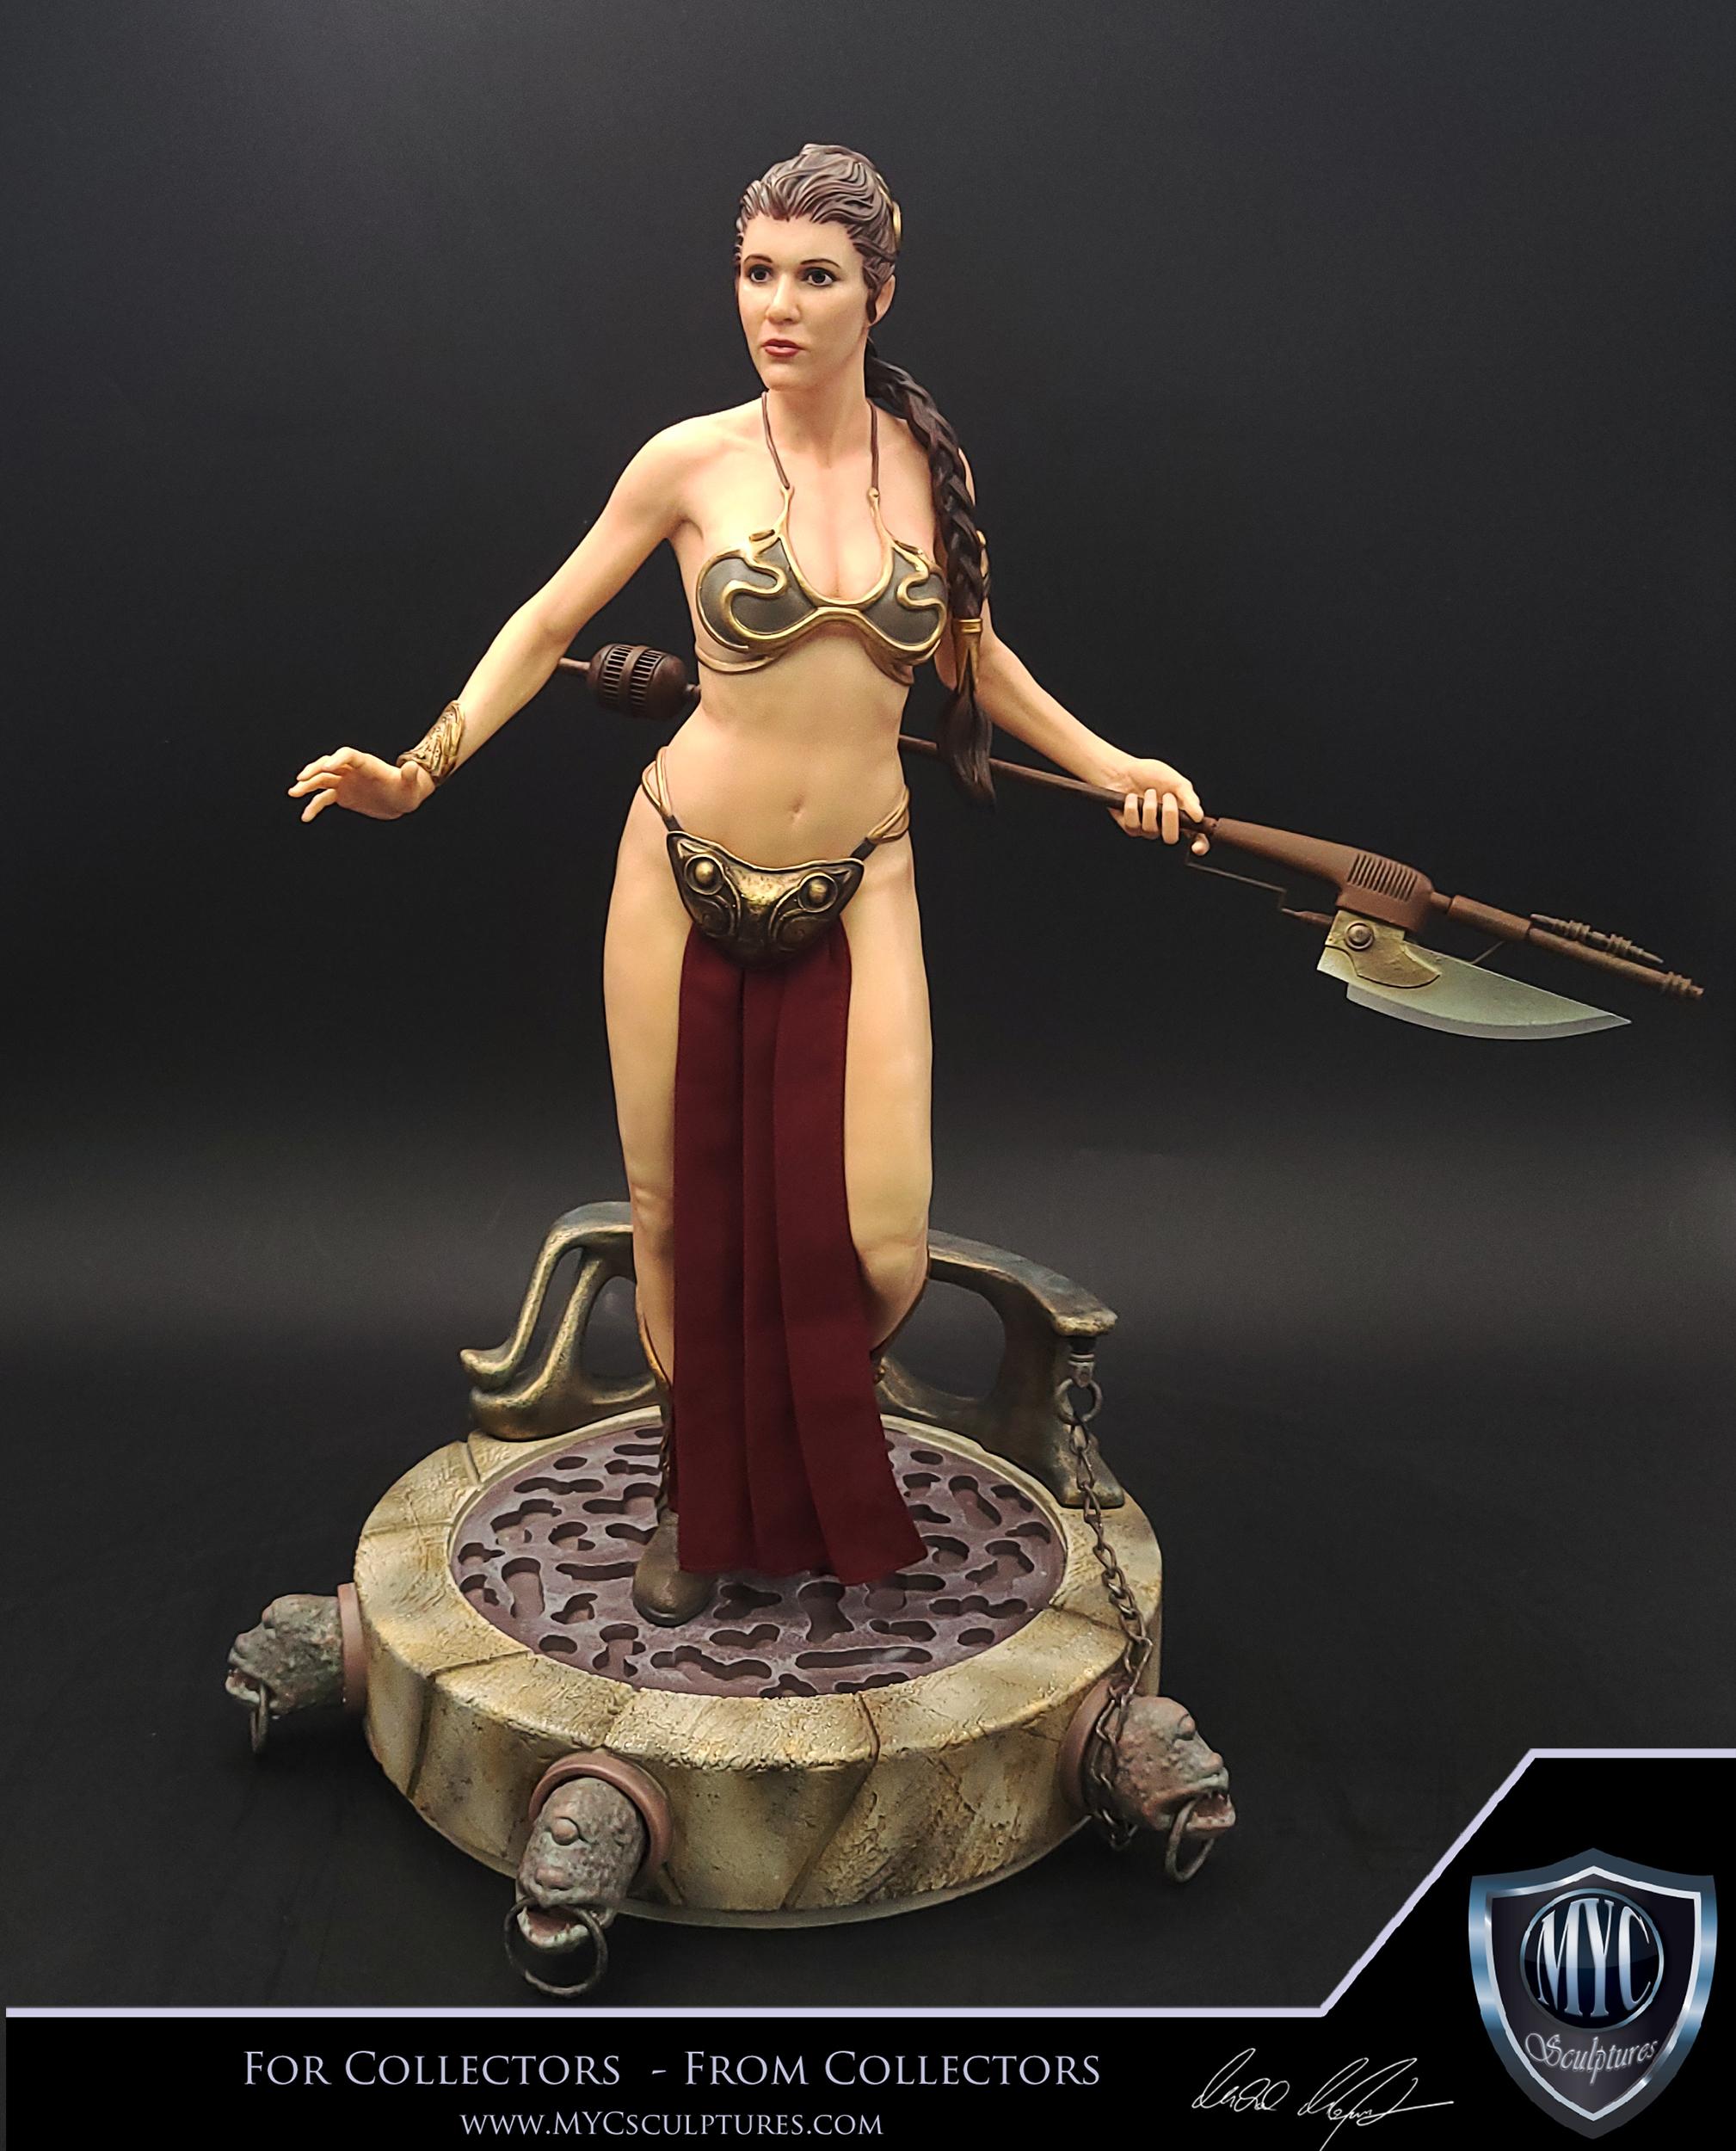 Leia_Slave_MYC_sculptures_Statue_03